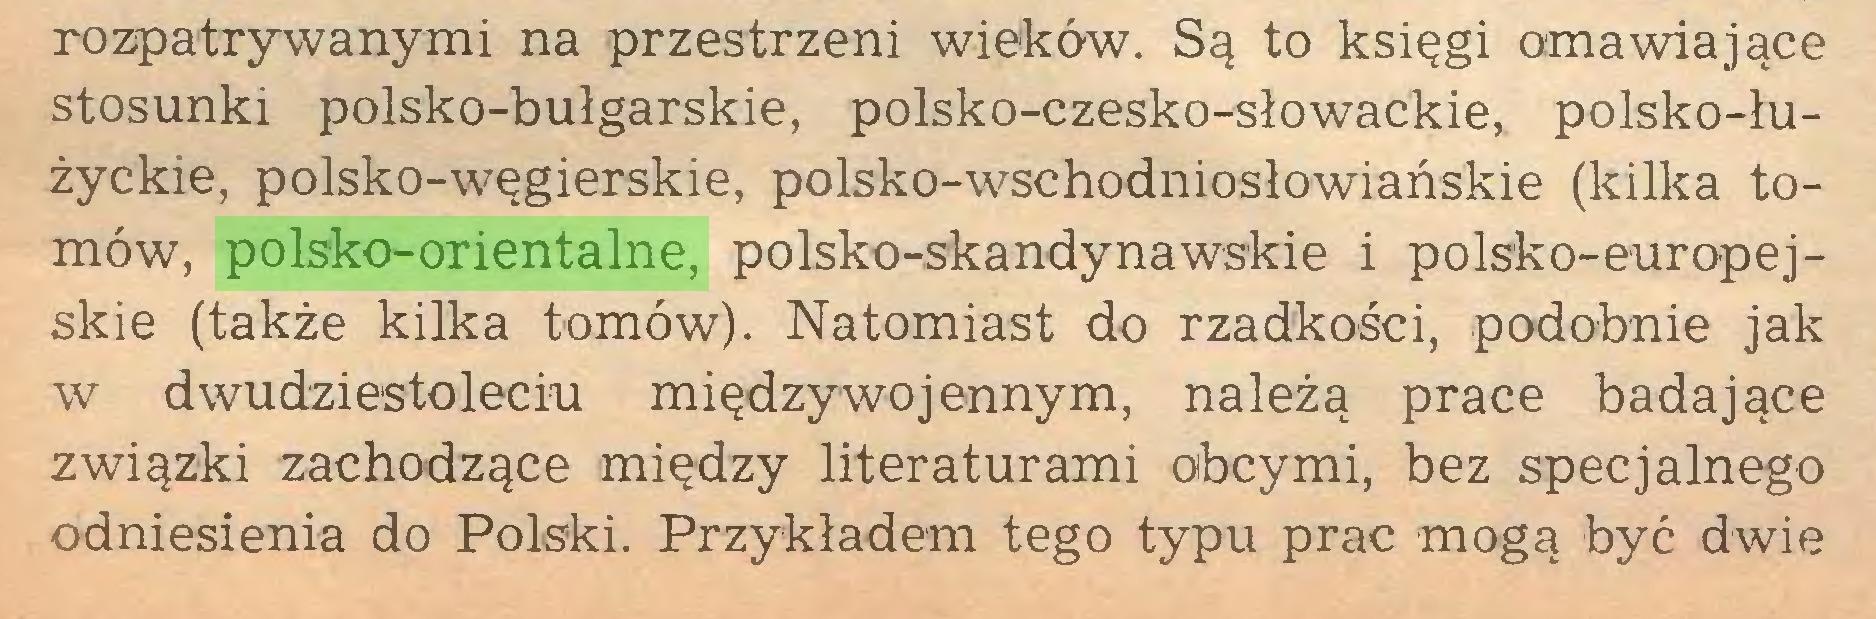 (...) rozpatrywanymi na przestrzeni wieków. Są to księgi omawiające stosunki polsko-bułgarskie, polsko-czesko-słowackie, polsko-łużyckie, polsko-węgierskie, polsko-wschodniosłowiańskie (kilka tomów, polsko-orientalne, polsko-skandynawskie i polsko-europejskie (także kilka tomów). Natomiast do rzadkości, podobnie jak w dwudziestoleciu międzywojennym, należą prace badające związki zachodzące między literaturami obcymi, bez specjalnego odniesienia do Polski. Przykładem tego typu prac mogą być dwie...